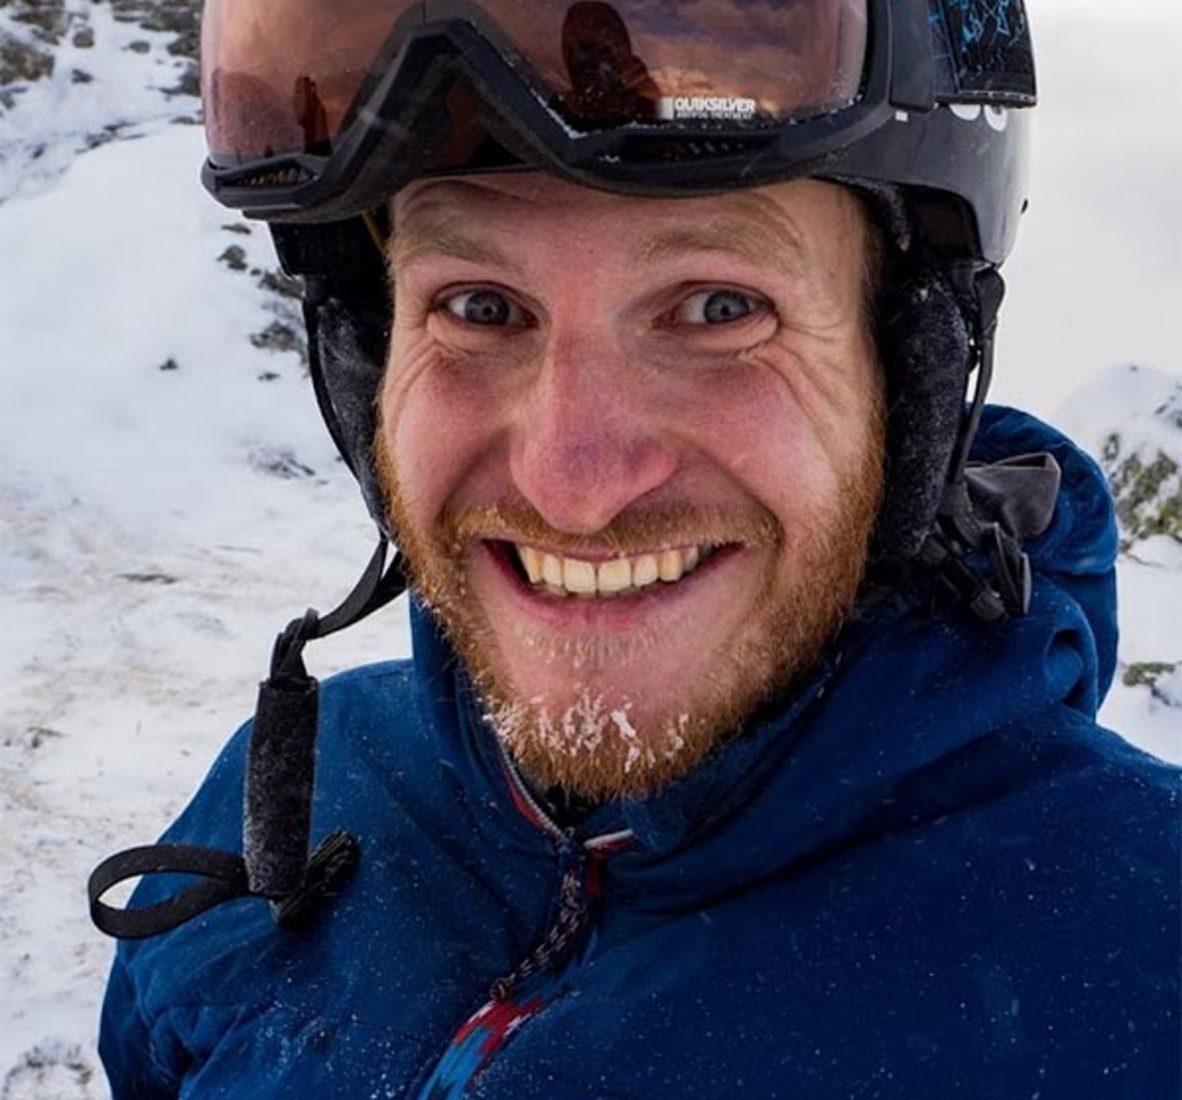 Norbert Lanzanasto ist Informatiker, angehender Meteorologe und technischer Koordinator im Projekt ALBINA. Mitarbeiter des Lawinenwarndienstes Tirol. Lässt bei Skitouren das Notebook aber zu Hause.